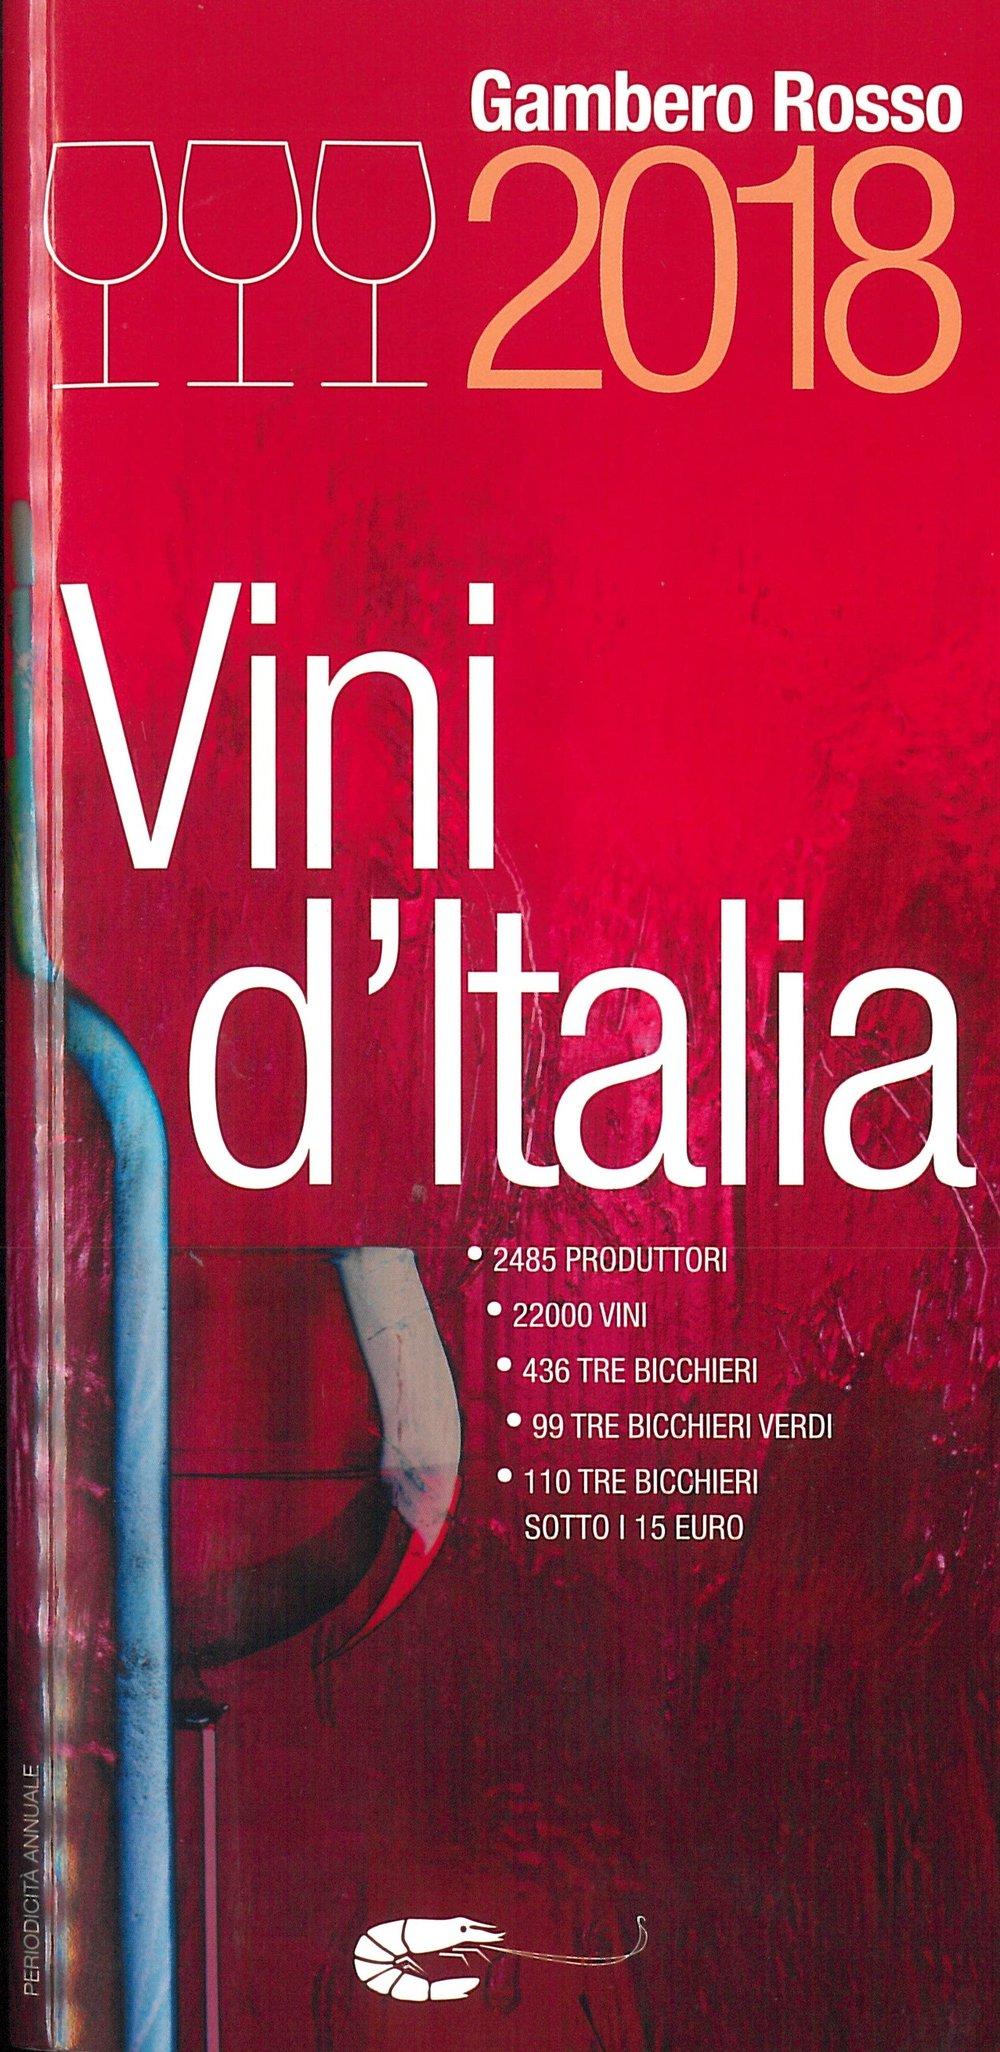 Gambero Rosso_Vini d'Italia_2018_Cover.jpg